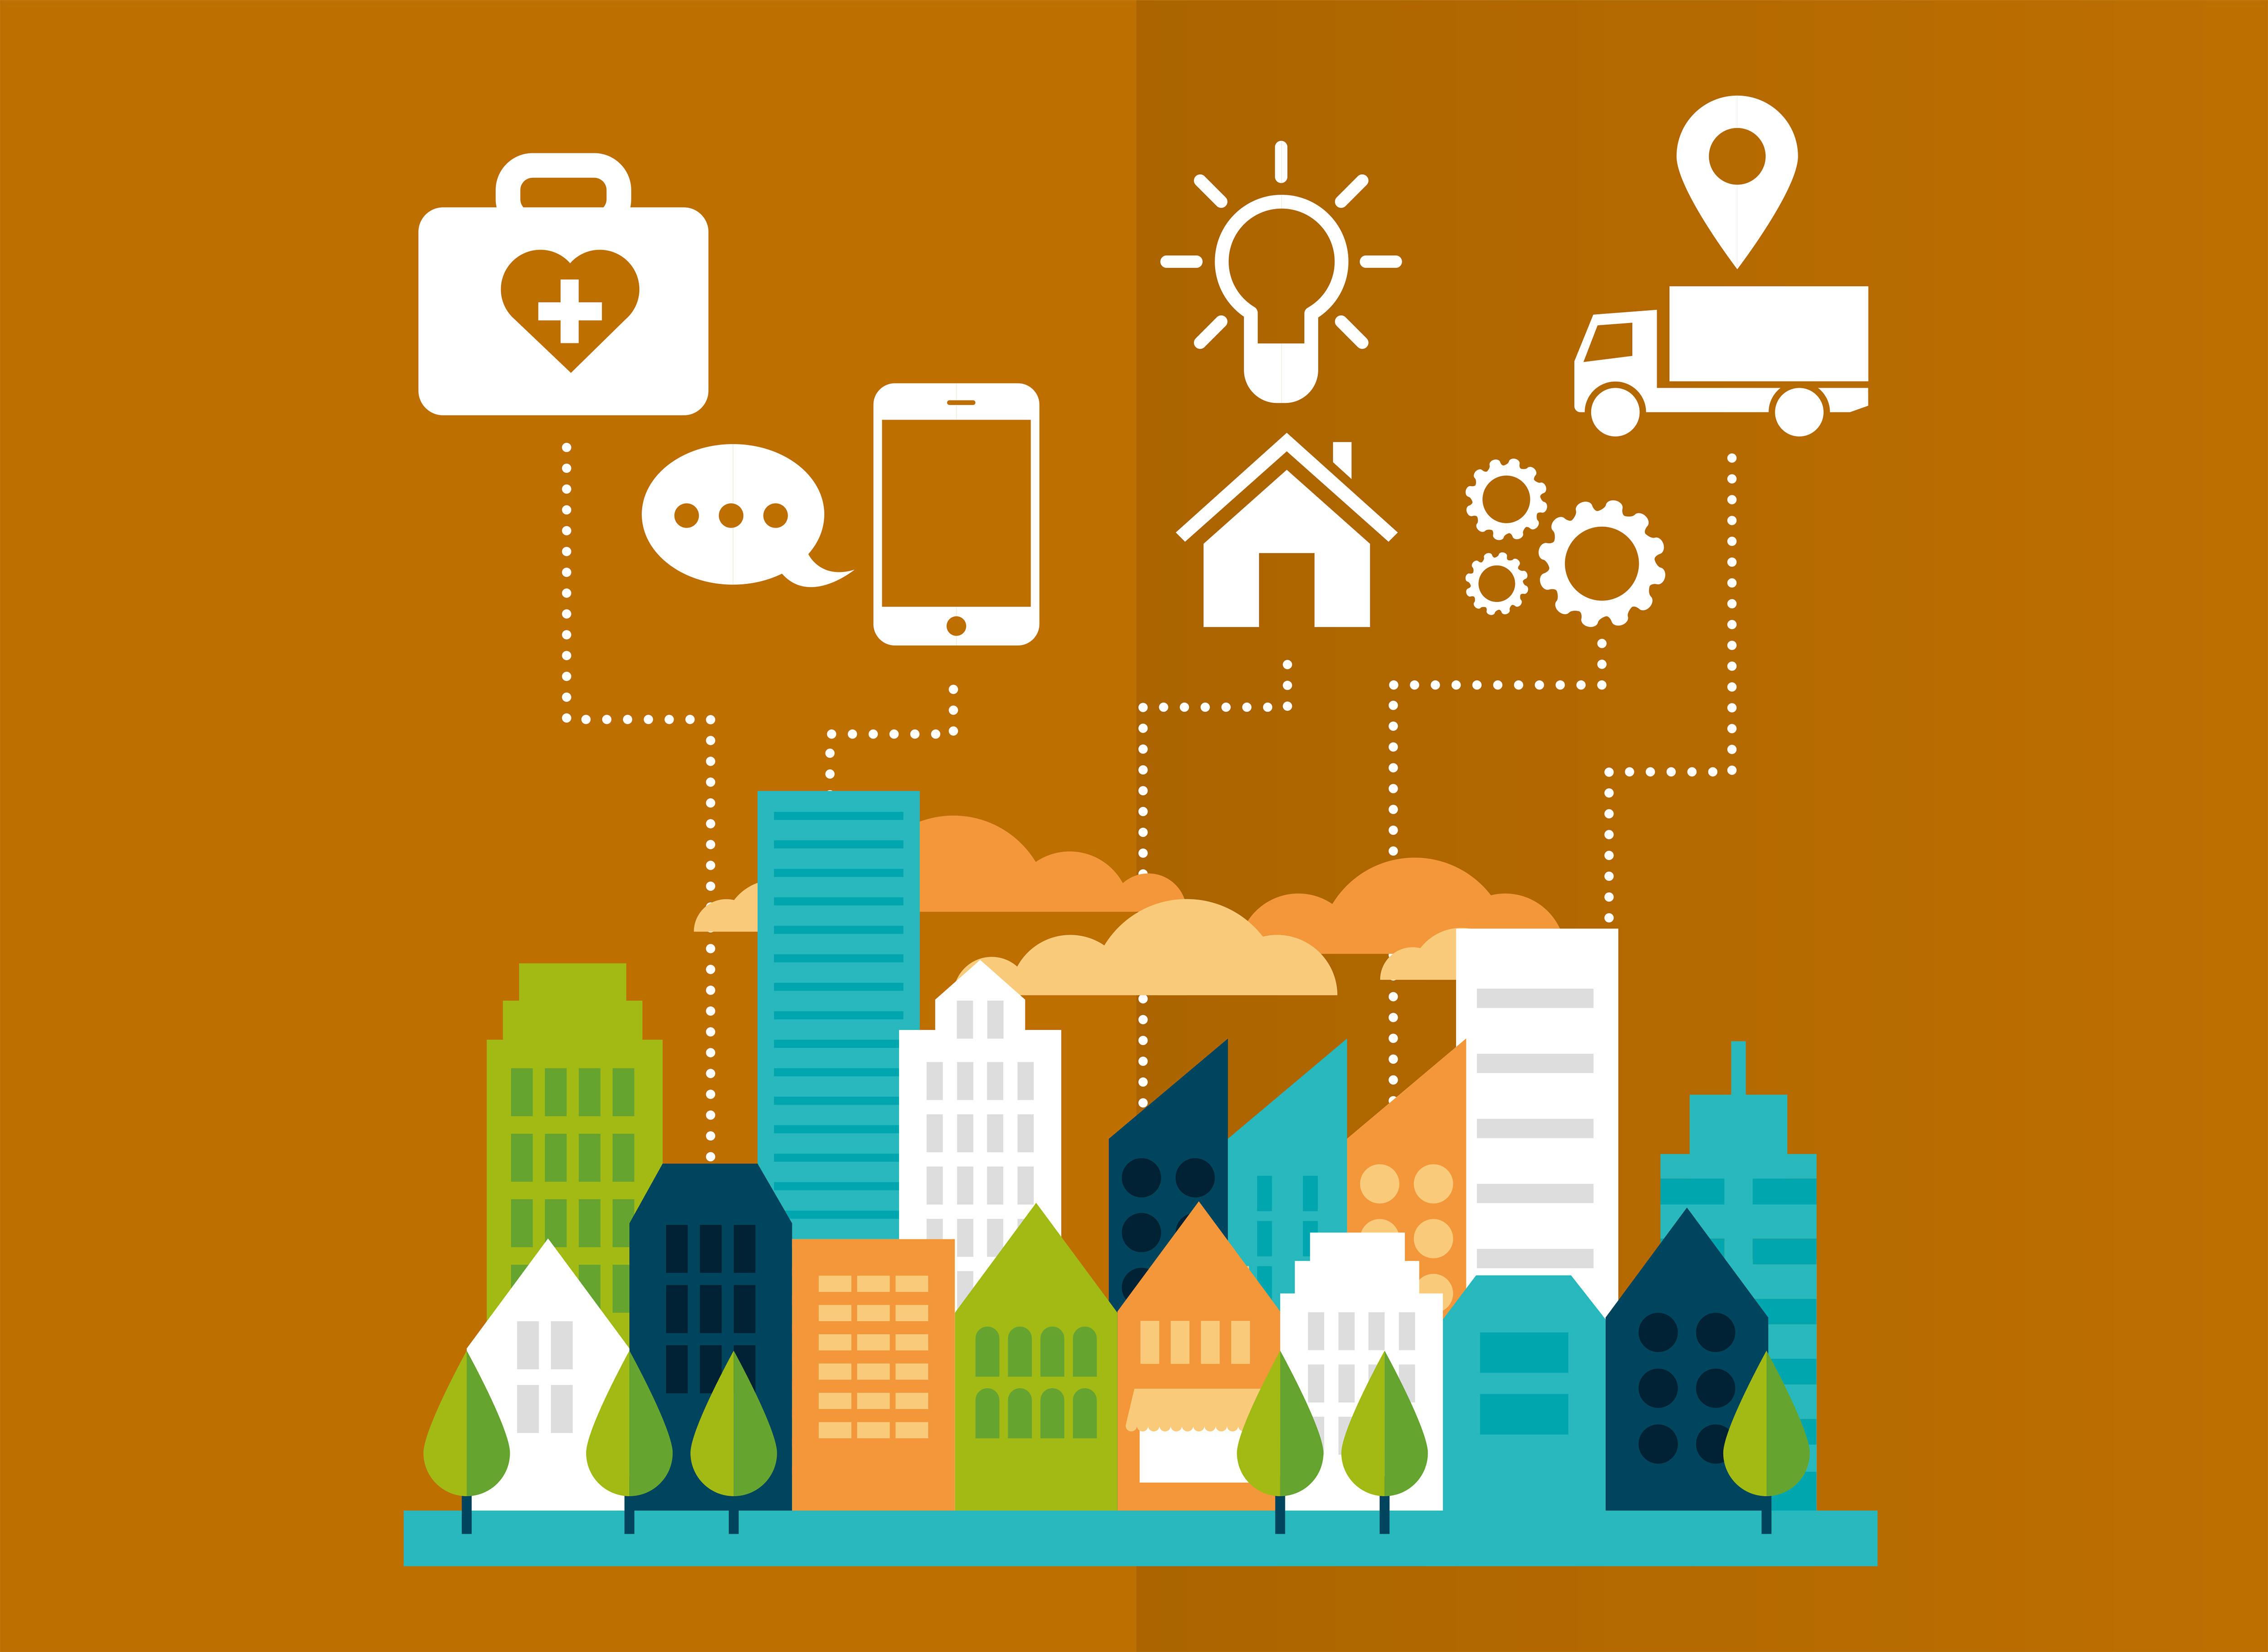 湘南工科大学が10月に「平成30年度湘南工科大学市民公開講座~IoTで未来の社会を切り拓く~」を開催(全4回) -- 市民のリカレント教育を推進